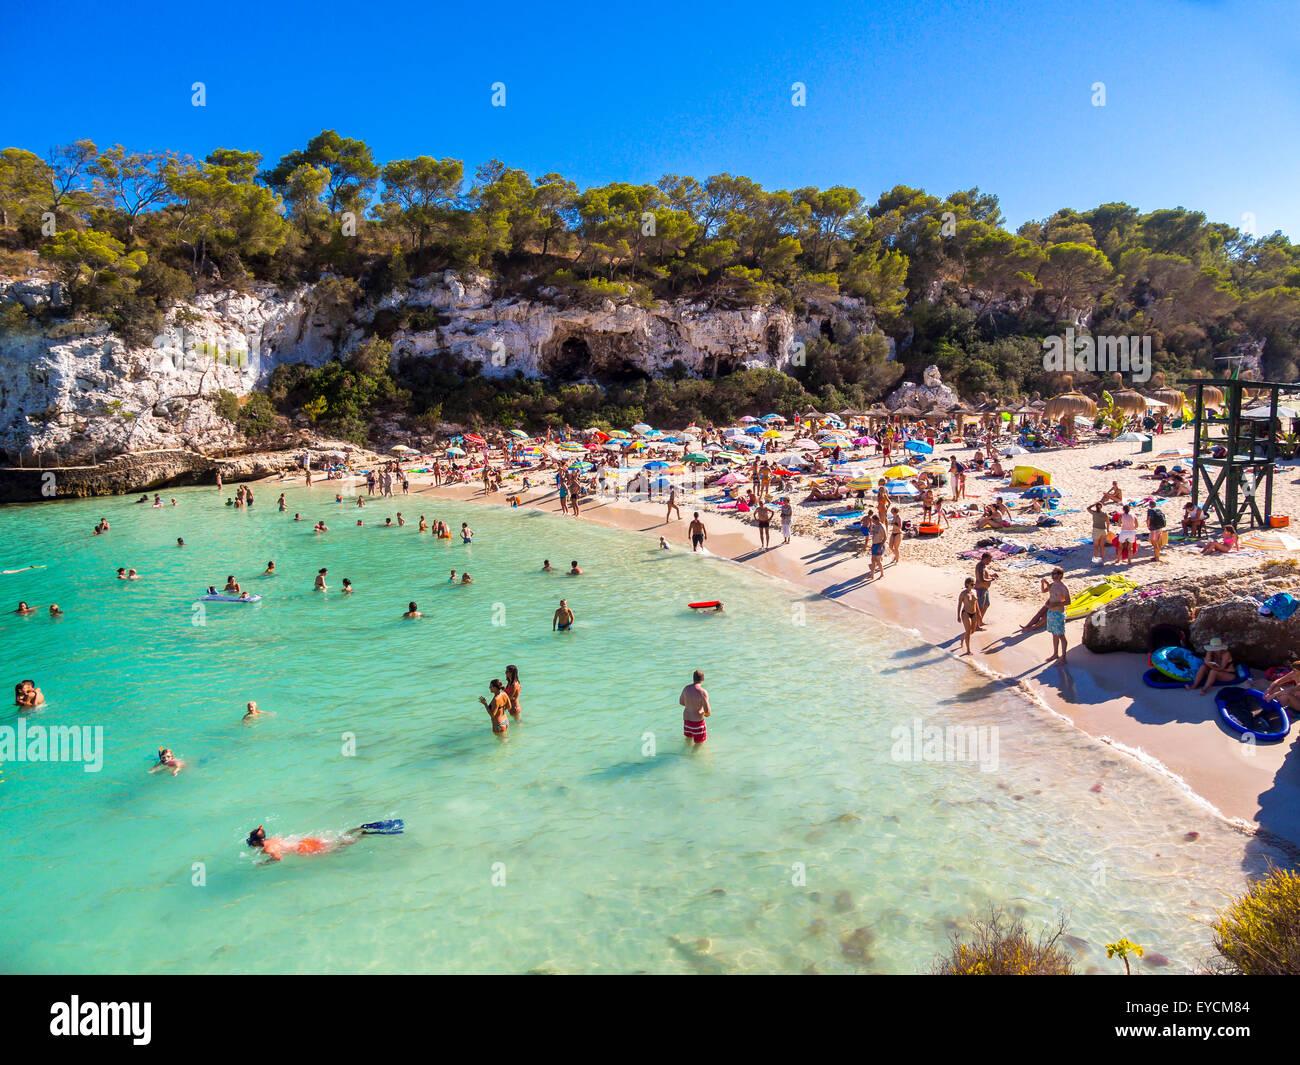 Spain, Majorca, beach of Cala Llombarts Stock Photo